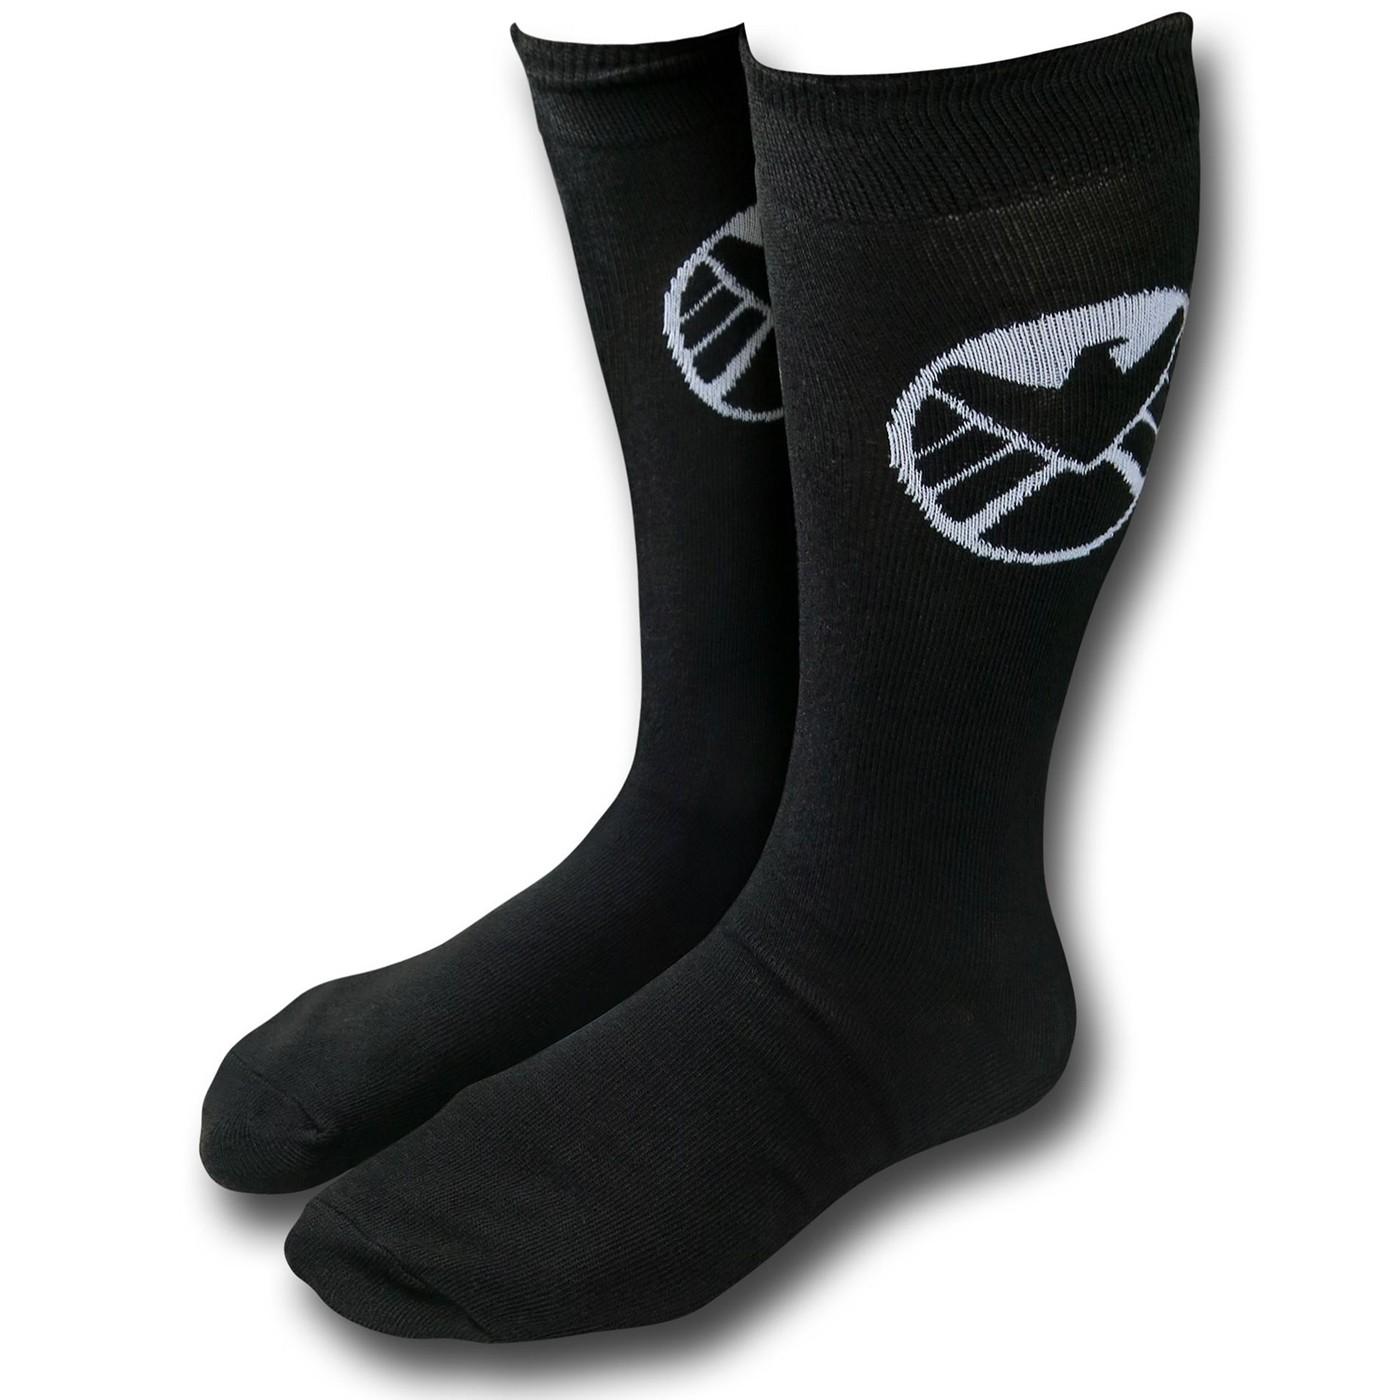 3b7cdbb3c3c0b SHIELD Symbol Crew Socks. $6.99 Reg.$8.99